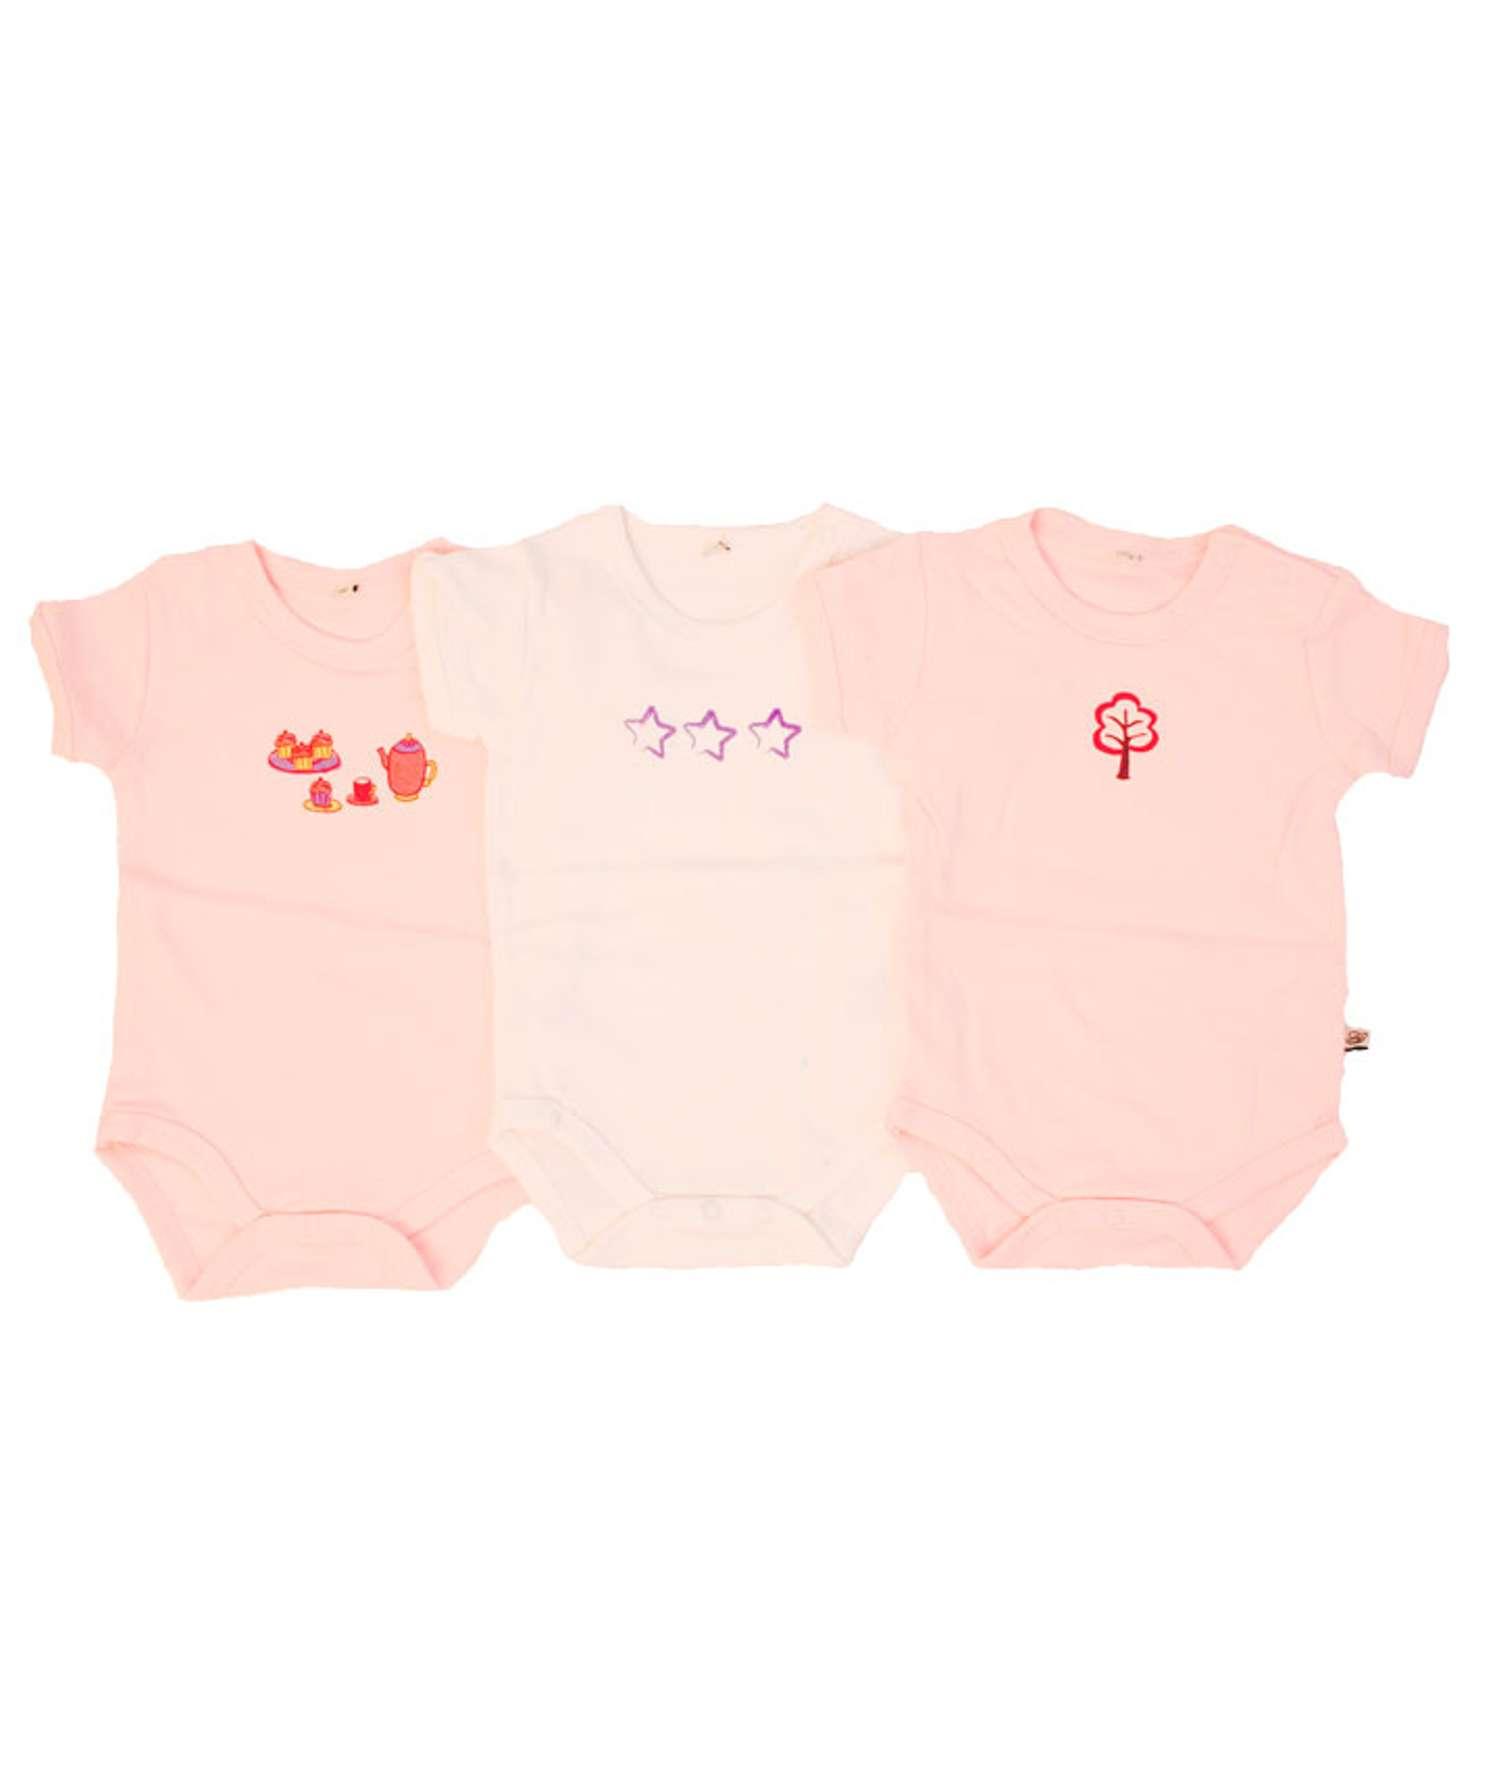 Pippi - Body kortærmet - Rosa - Størrelse 68